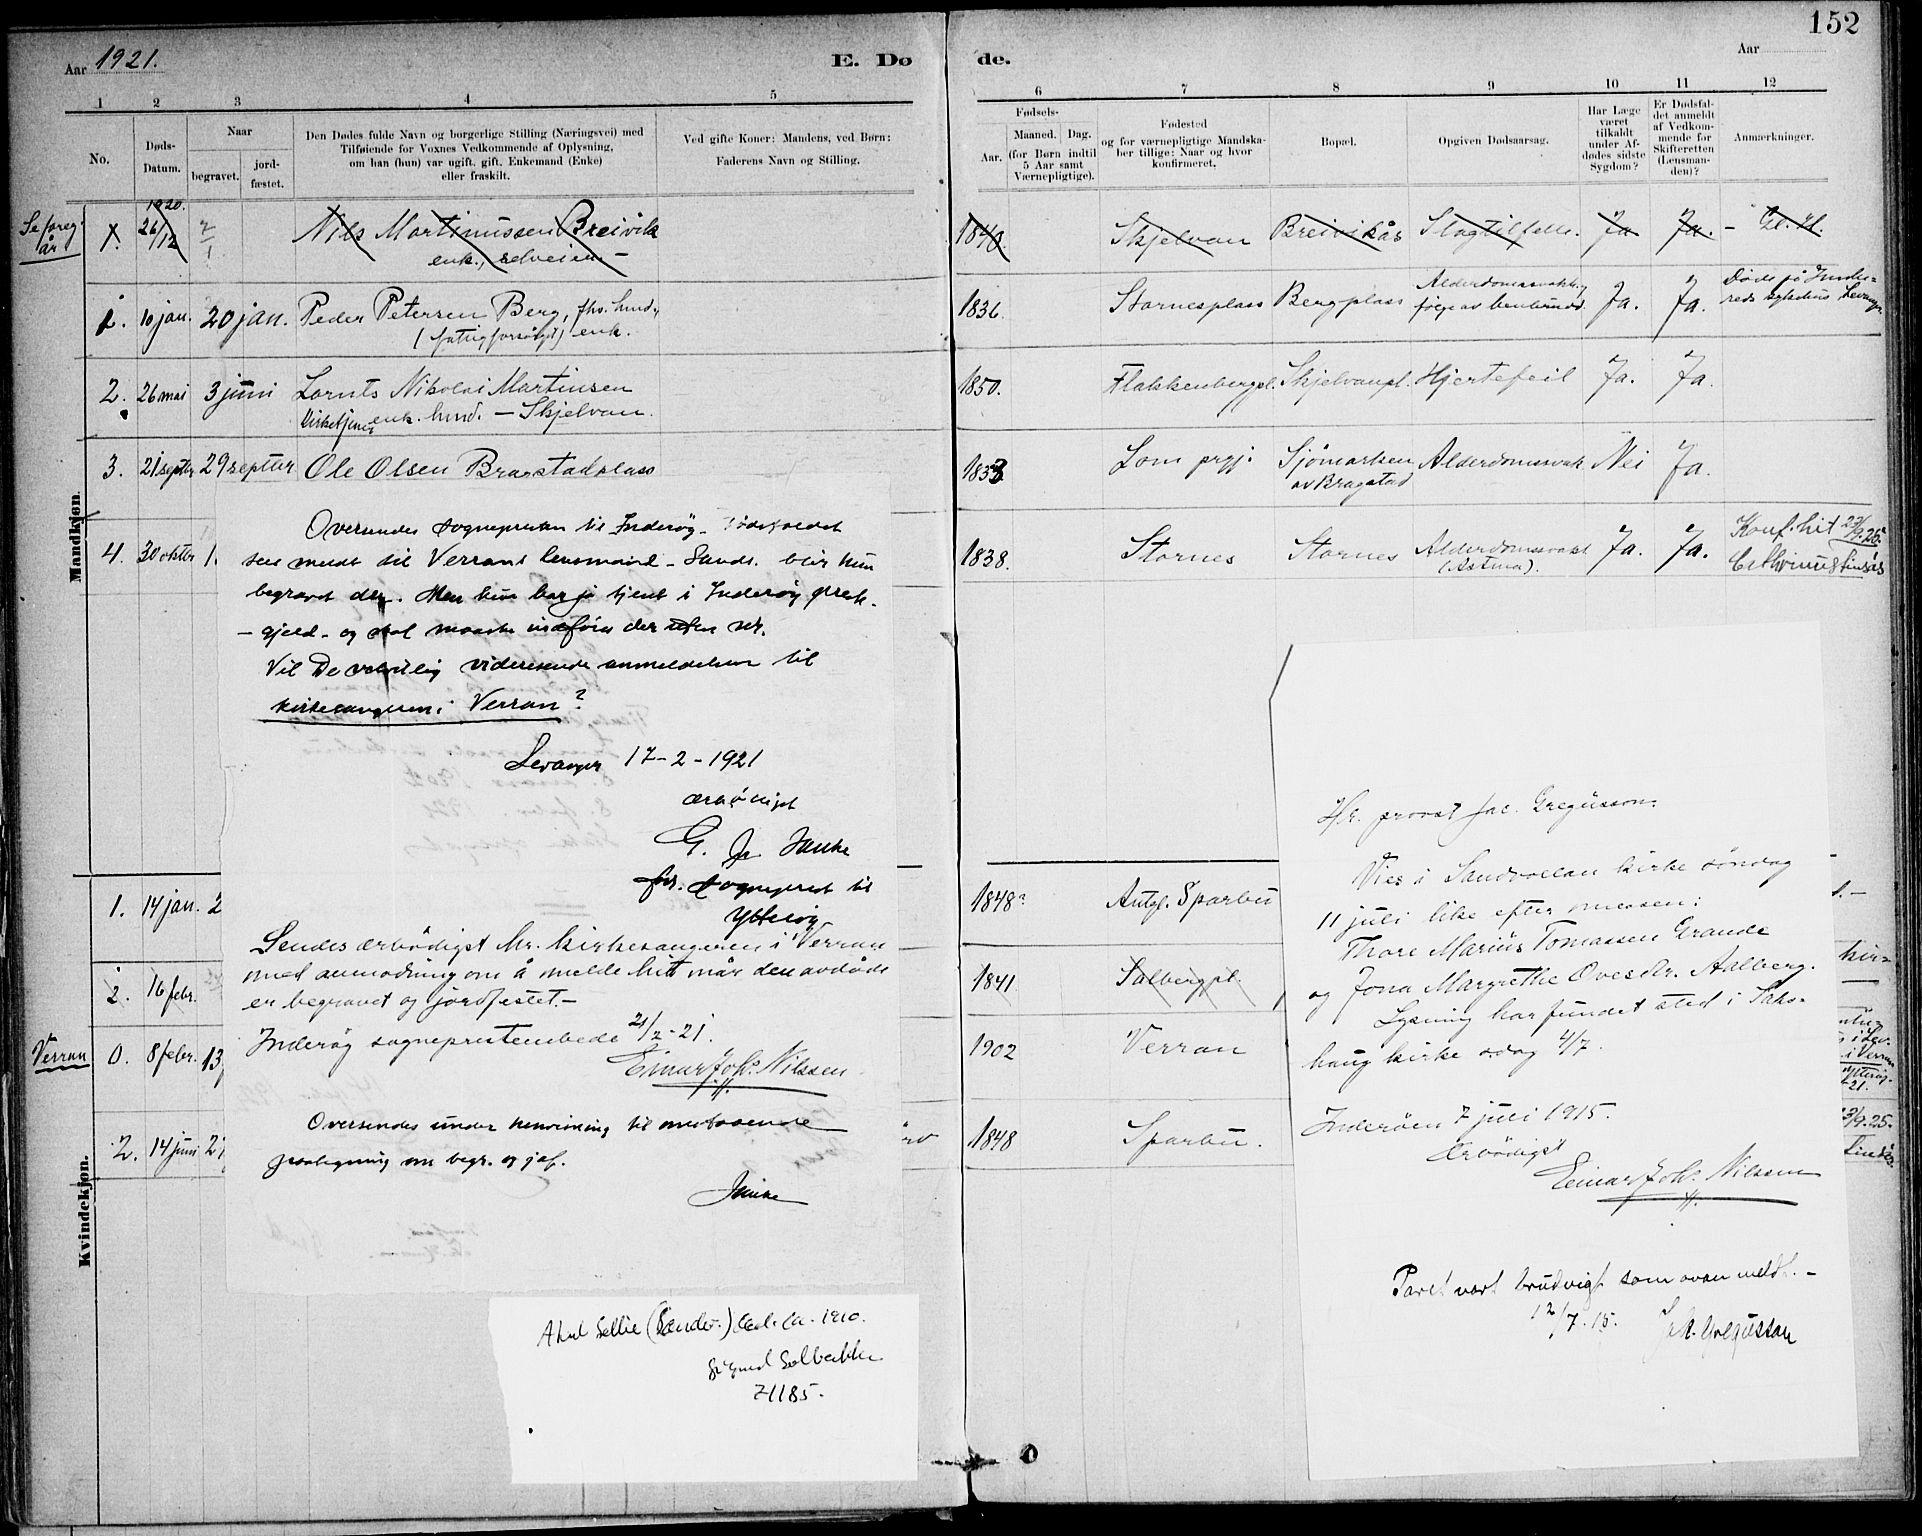 SAT, Ministerialprotokoller, klokkerbøker og fødselsregistre - Nord-Trøndelag, 732/L0316: Ministerialbok nr. 732A01, 1879-1921, s. 152